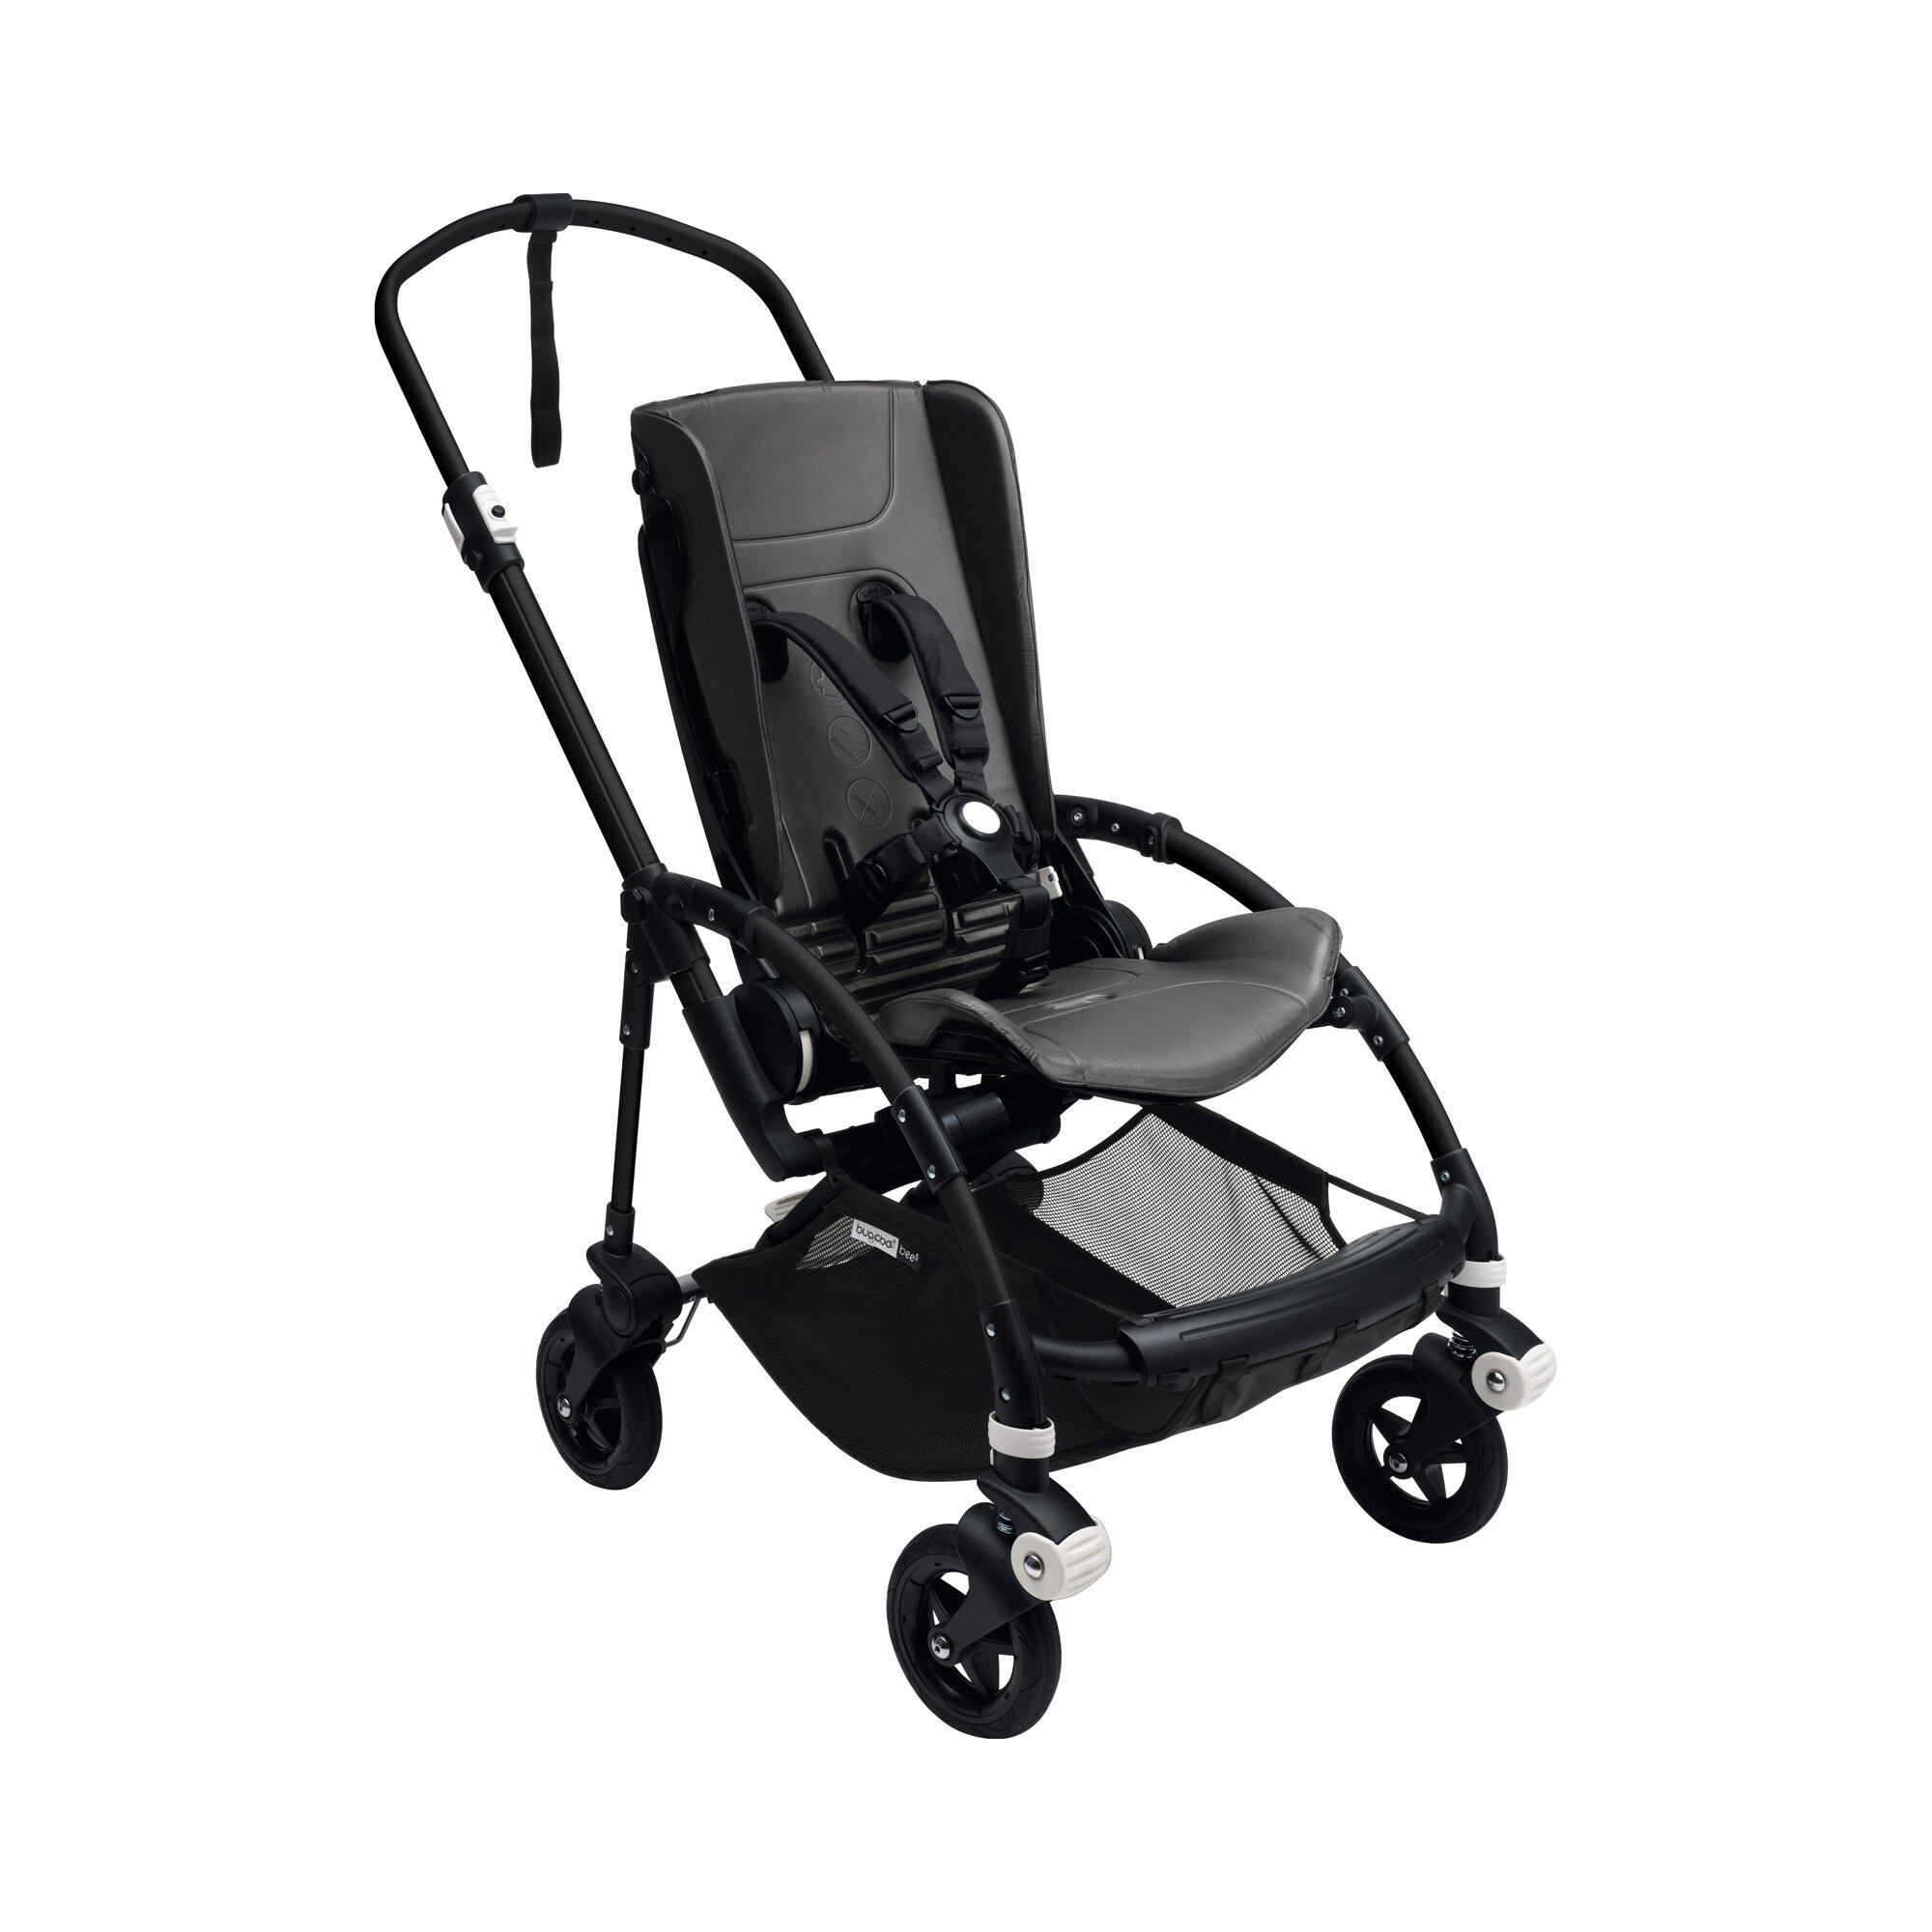 bee5-gestell-mit-sportsitzeinhang-sitzbezug-und-bekleidungsset-schwarz